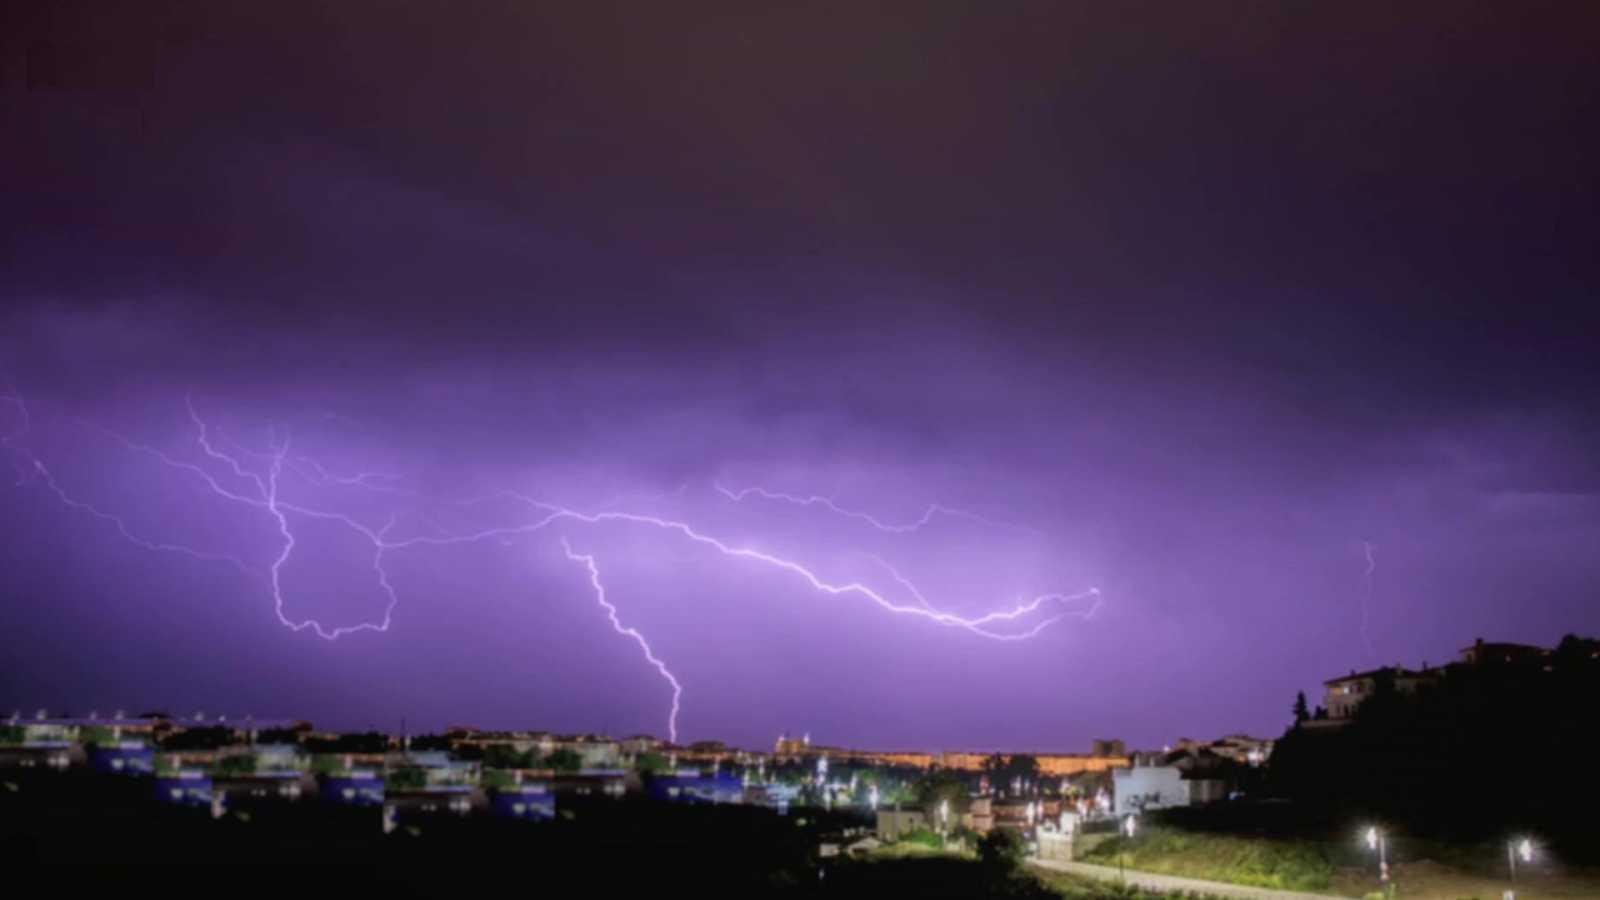 Precipitaciones localmente fuertes o persistentes en el oeste de Galicia, Pirineo, sistema Ibérico oriental y Comunidad valenciana, sin descartar el interior sudeste, acompañadas de tormenta - ver ahora